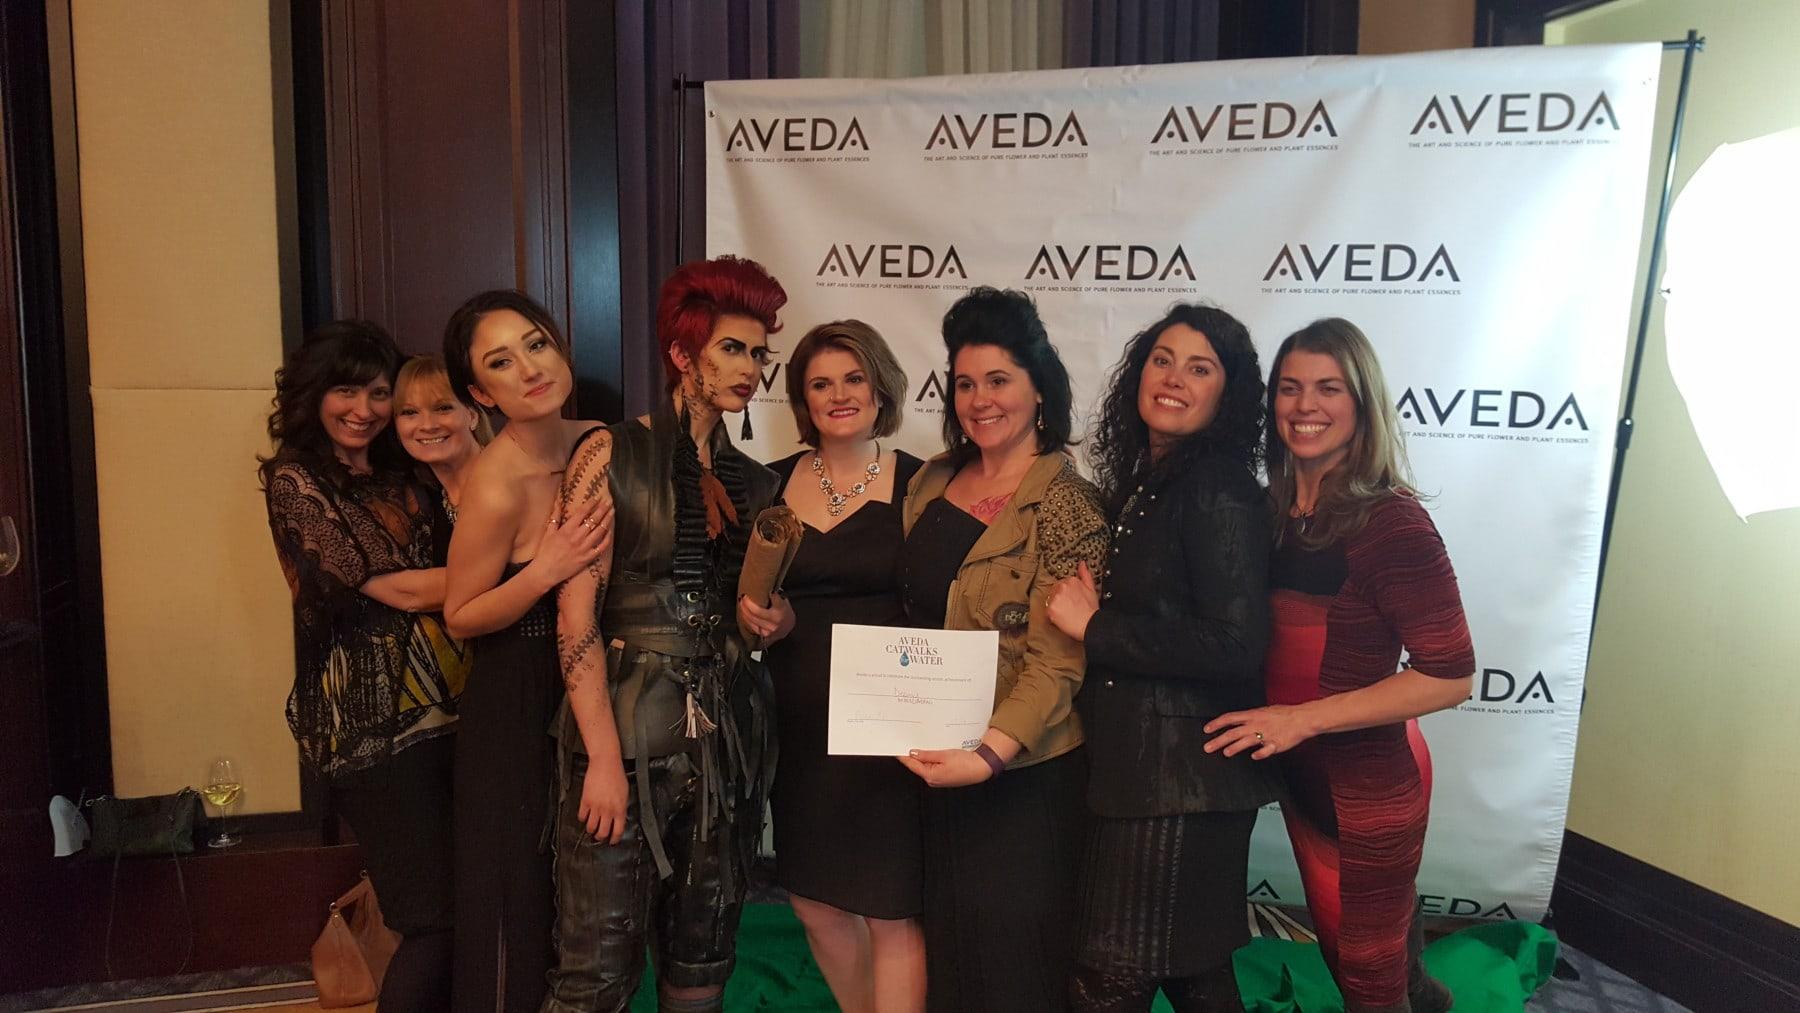 Aveda Fashion Show Boston